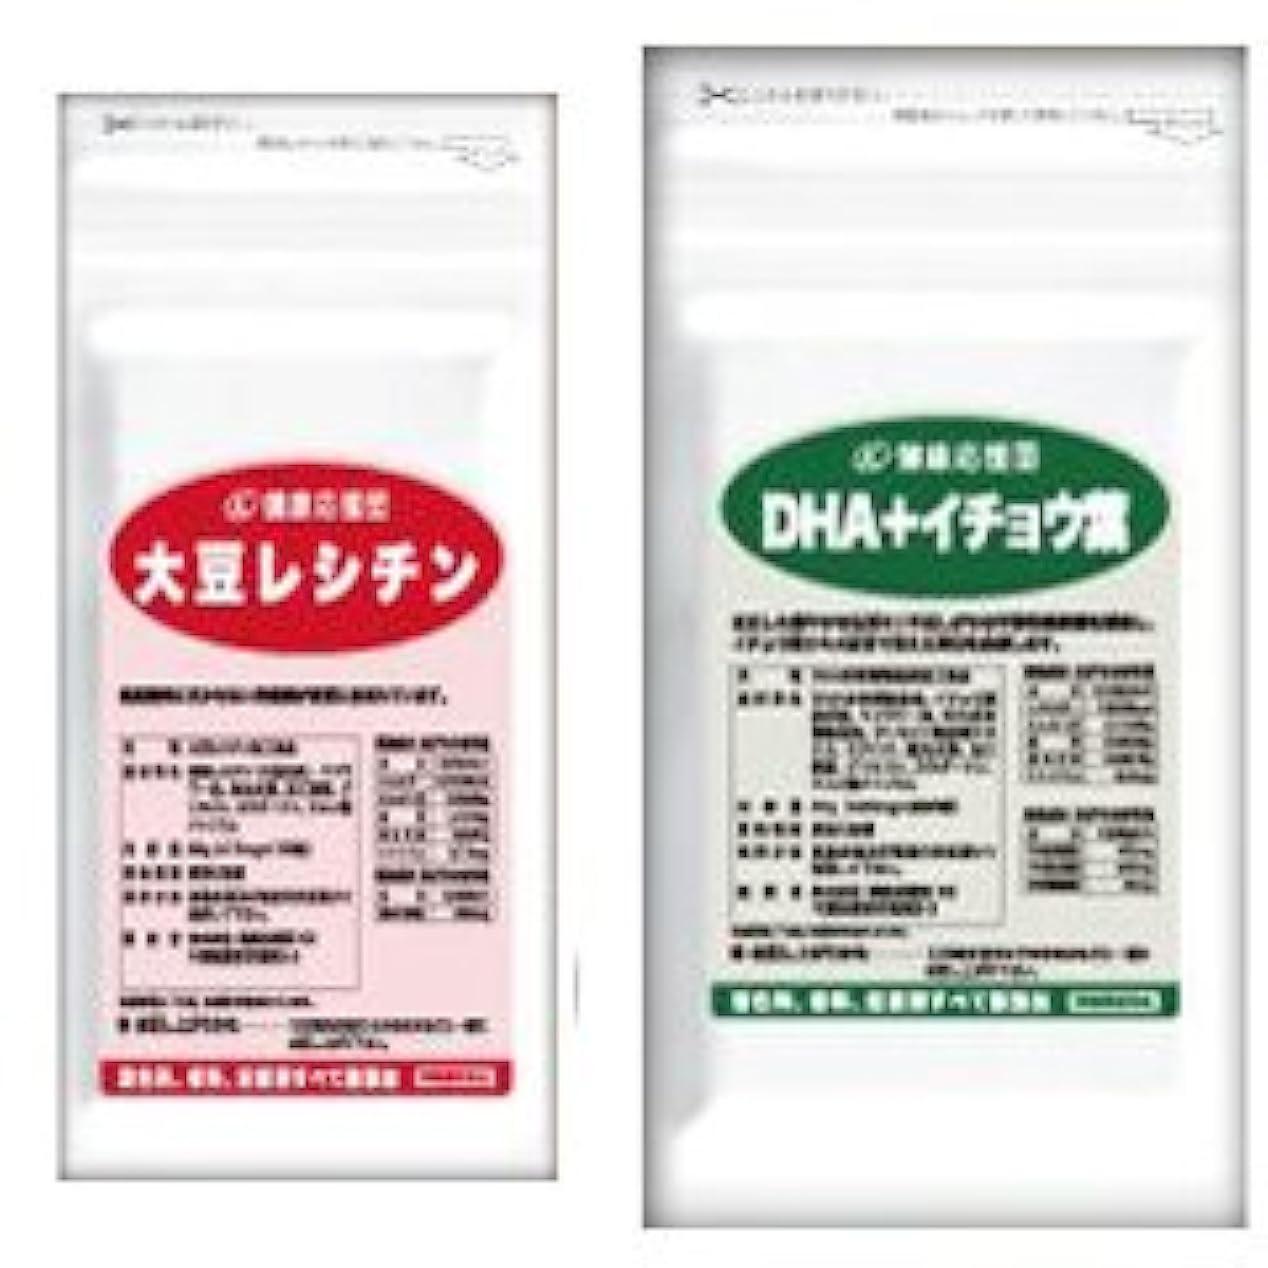 バース祝福騒ぎ流れサラサラセット 大豆レシチン+(DHA?EPA+イチョウ葉) お徳用12か月分